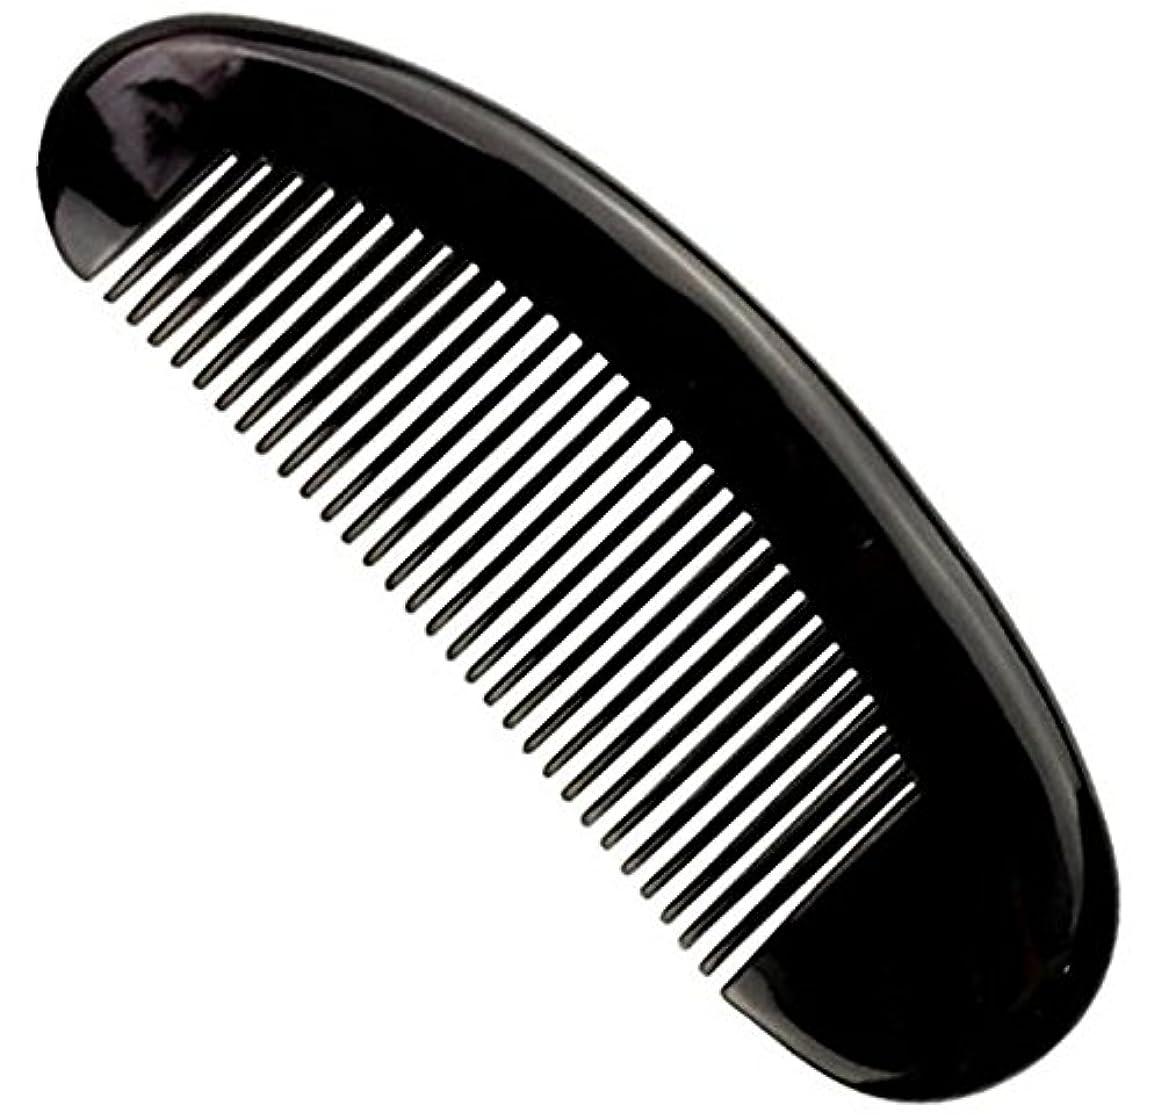 活発義務づけるマウス櫛型 プロも使う牛角かっさプレー マサージ用 血行改善 高級 天然 静電気防止 美髪 美顔 ボディ リンパマッサージ